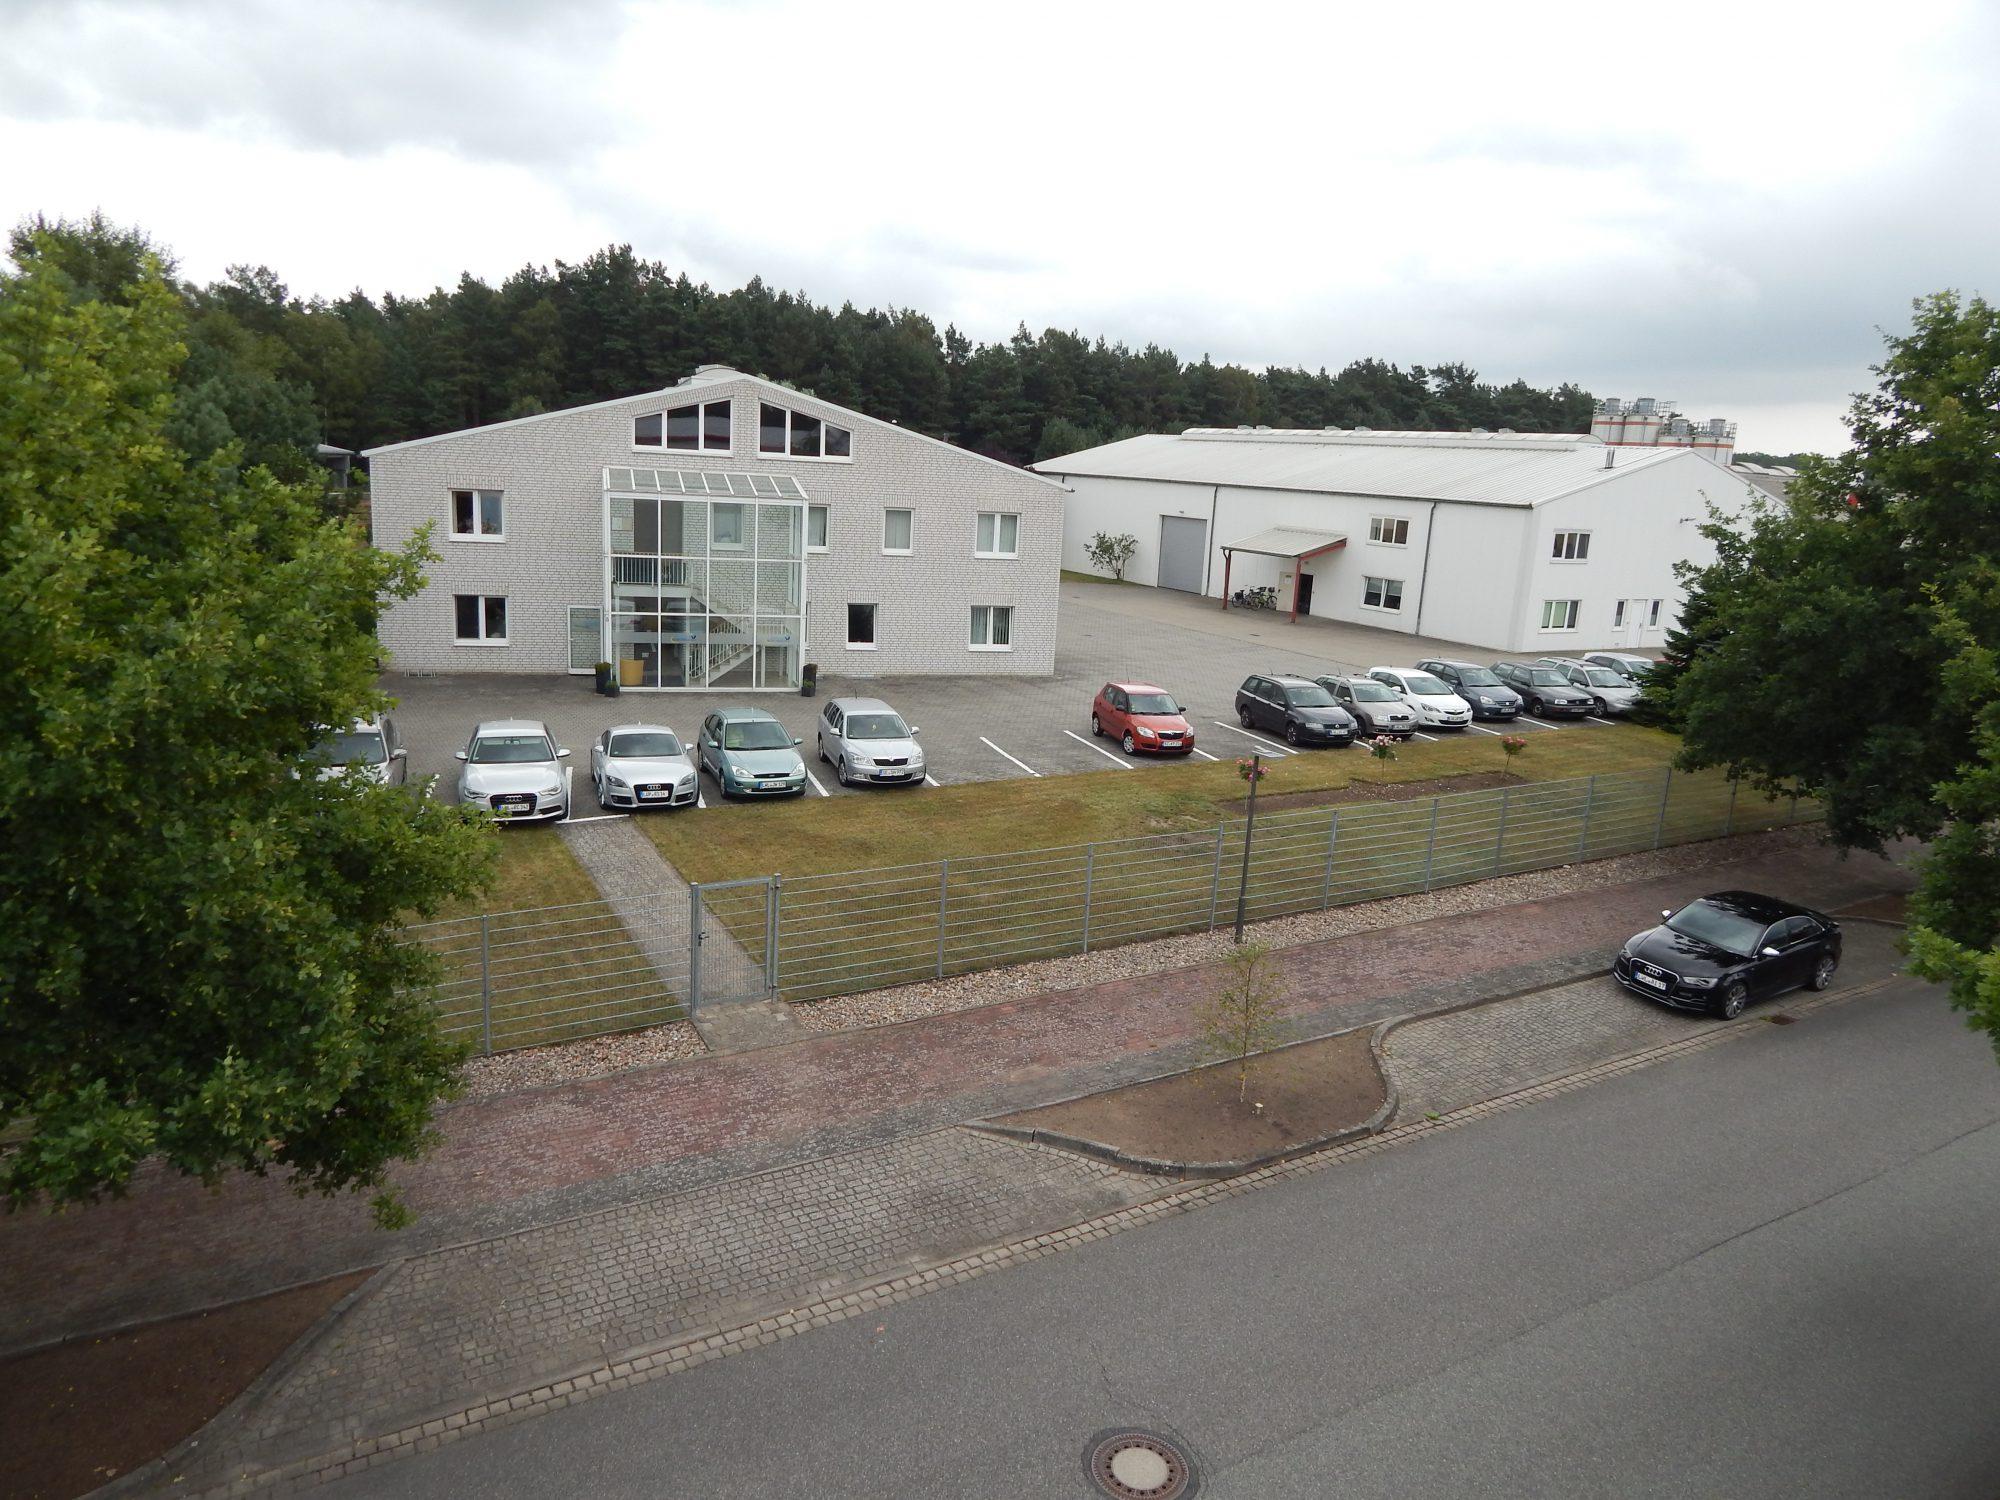 Gelände - Kleinmontagen Wiechmann in Grabow